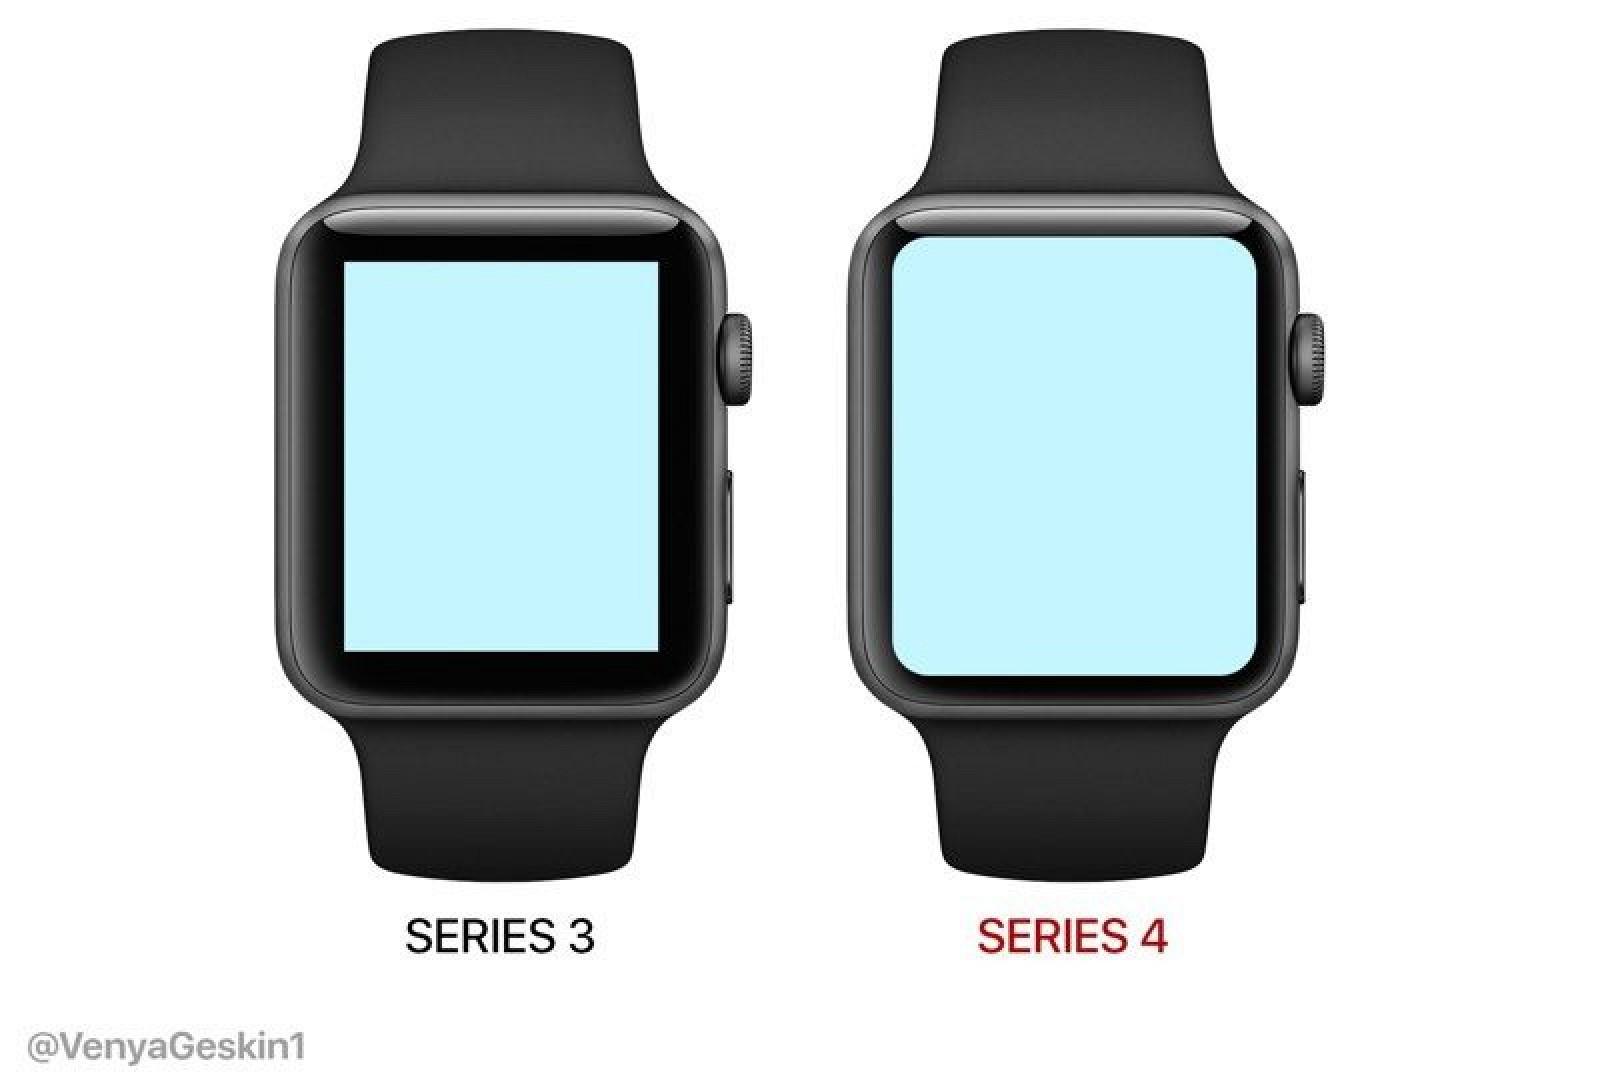 applewatchseries4mockup-800x545.jpg